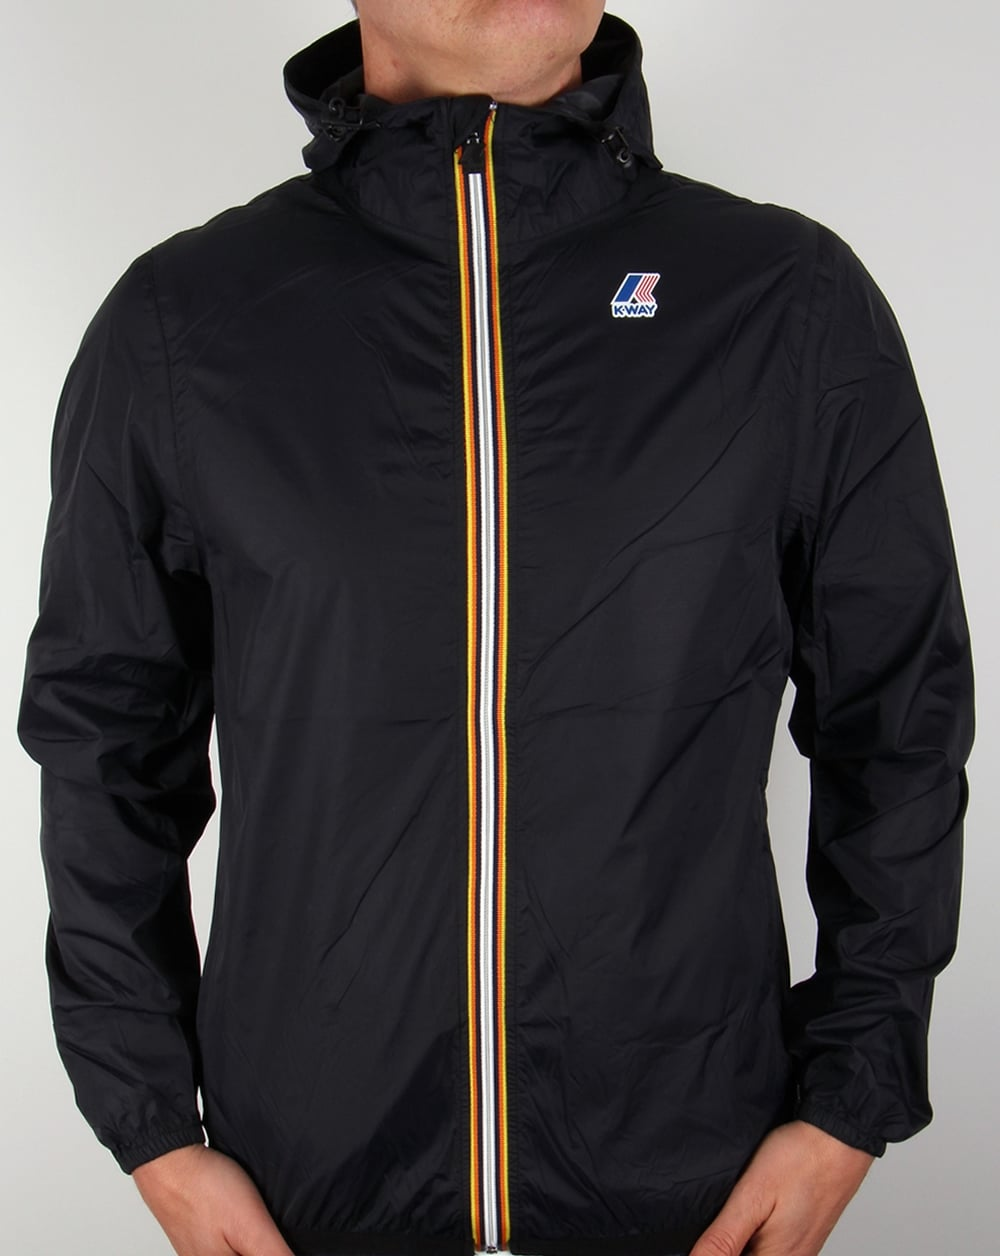 offer discounts big discount sale enjoy bottom price K-way Full Zip Claude Rainproof Jacket Black